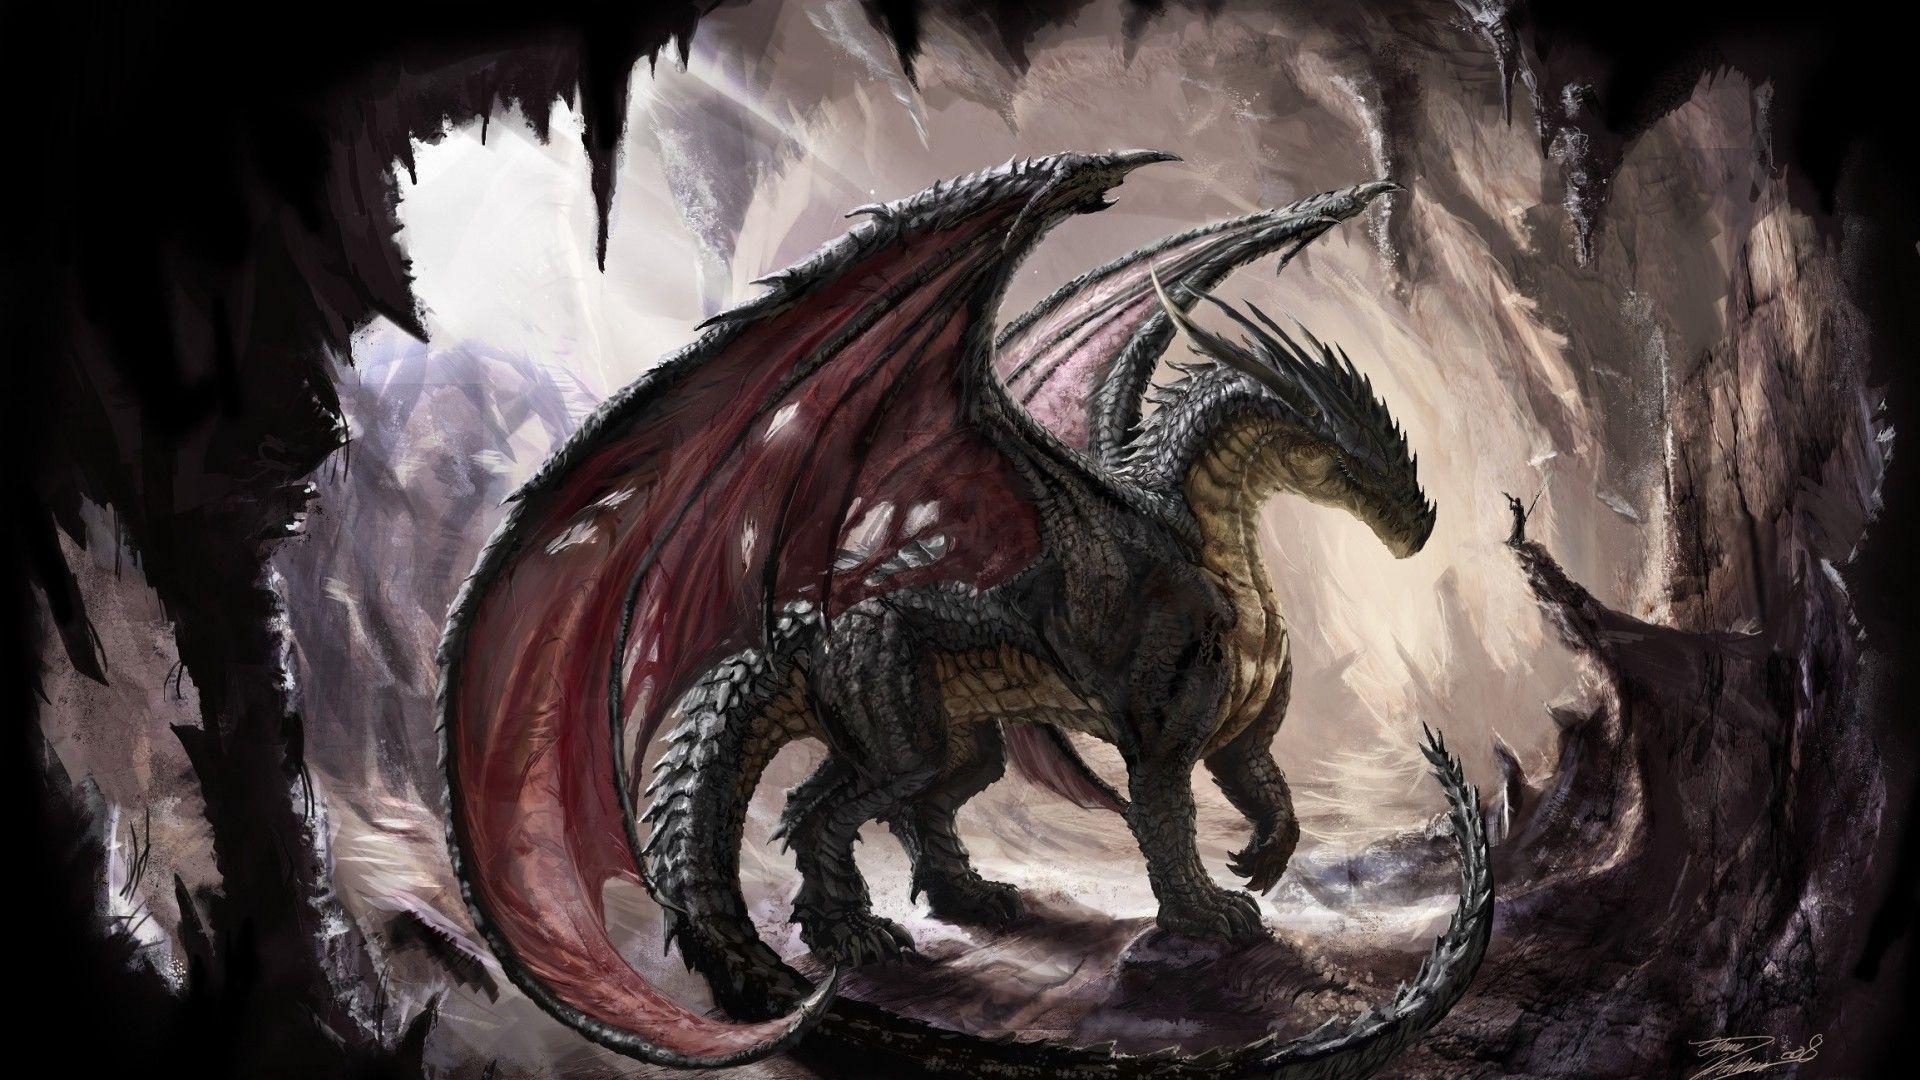 dragon pic download